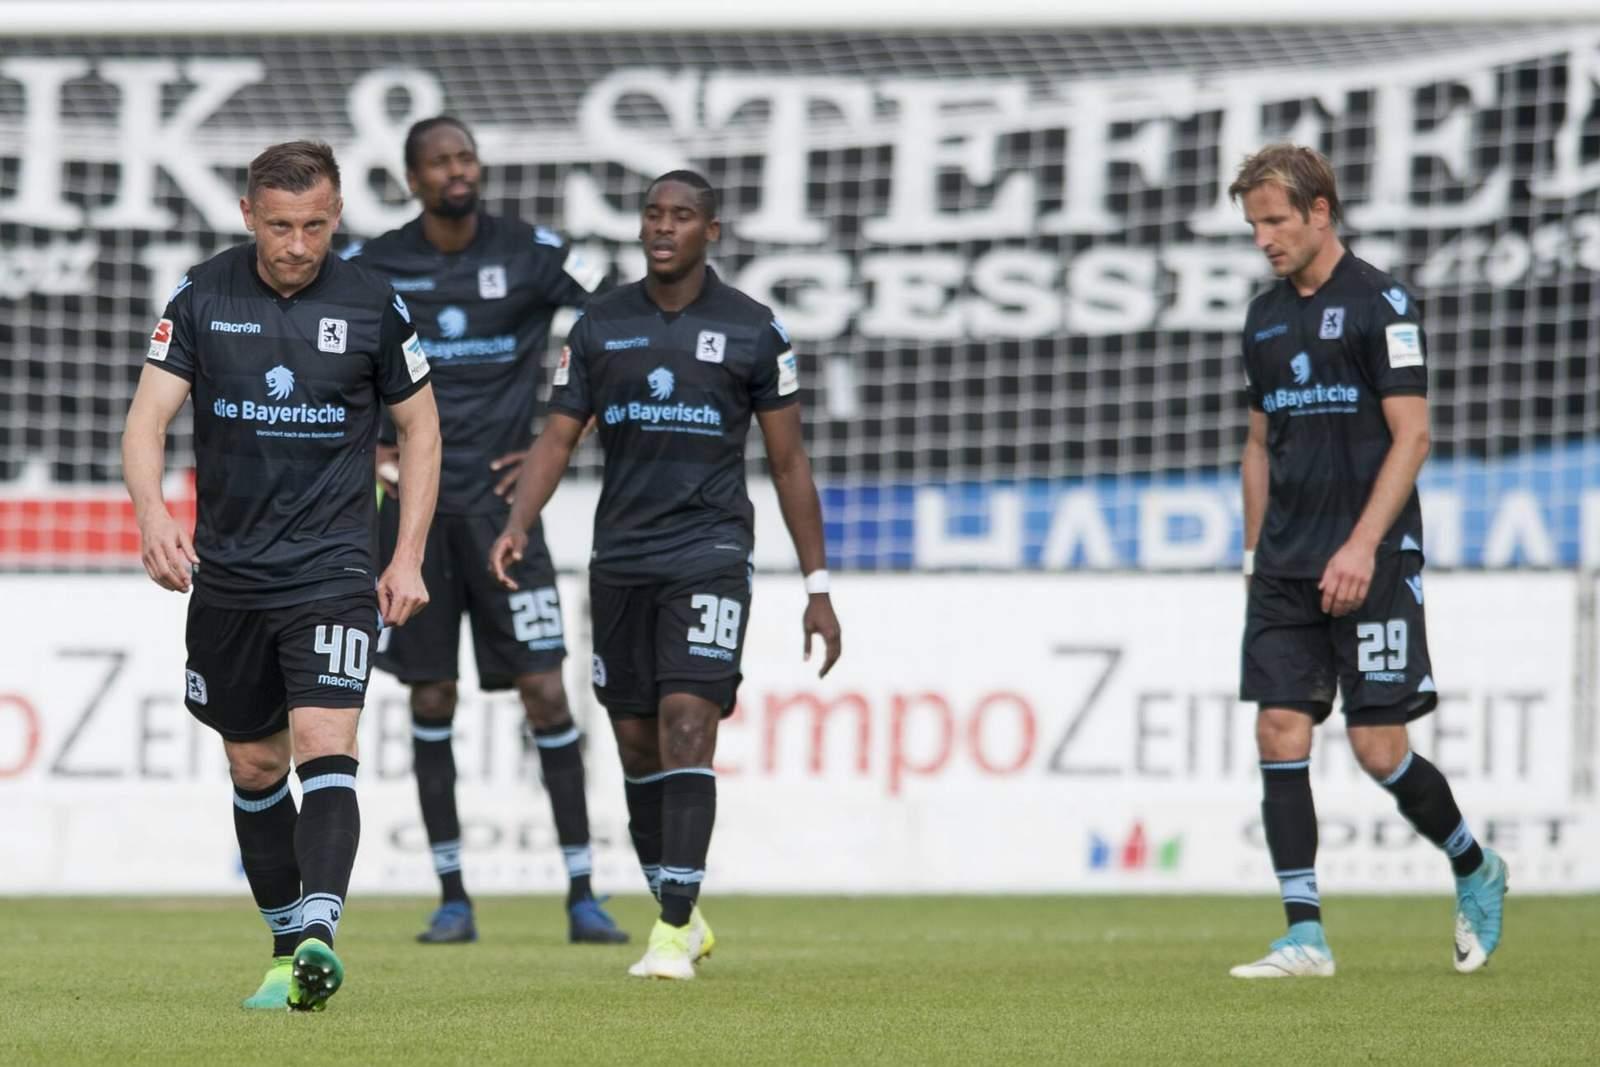 Spieler des TSV 1860 München mit hängenden Köpfen